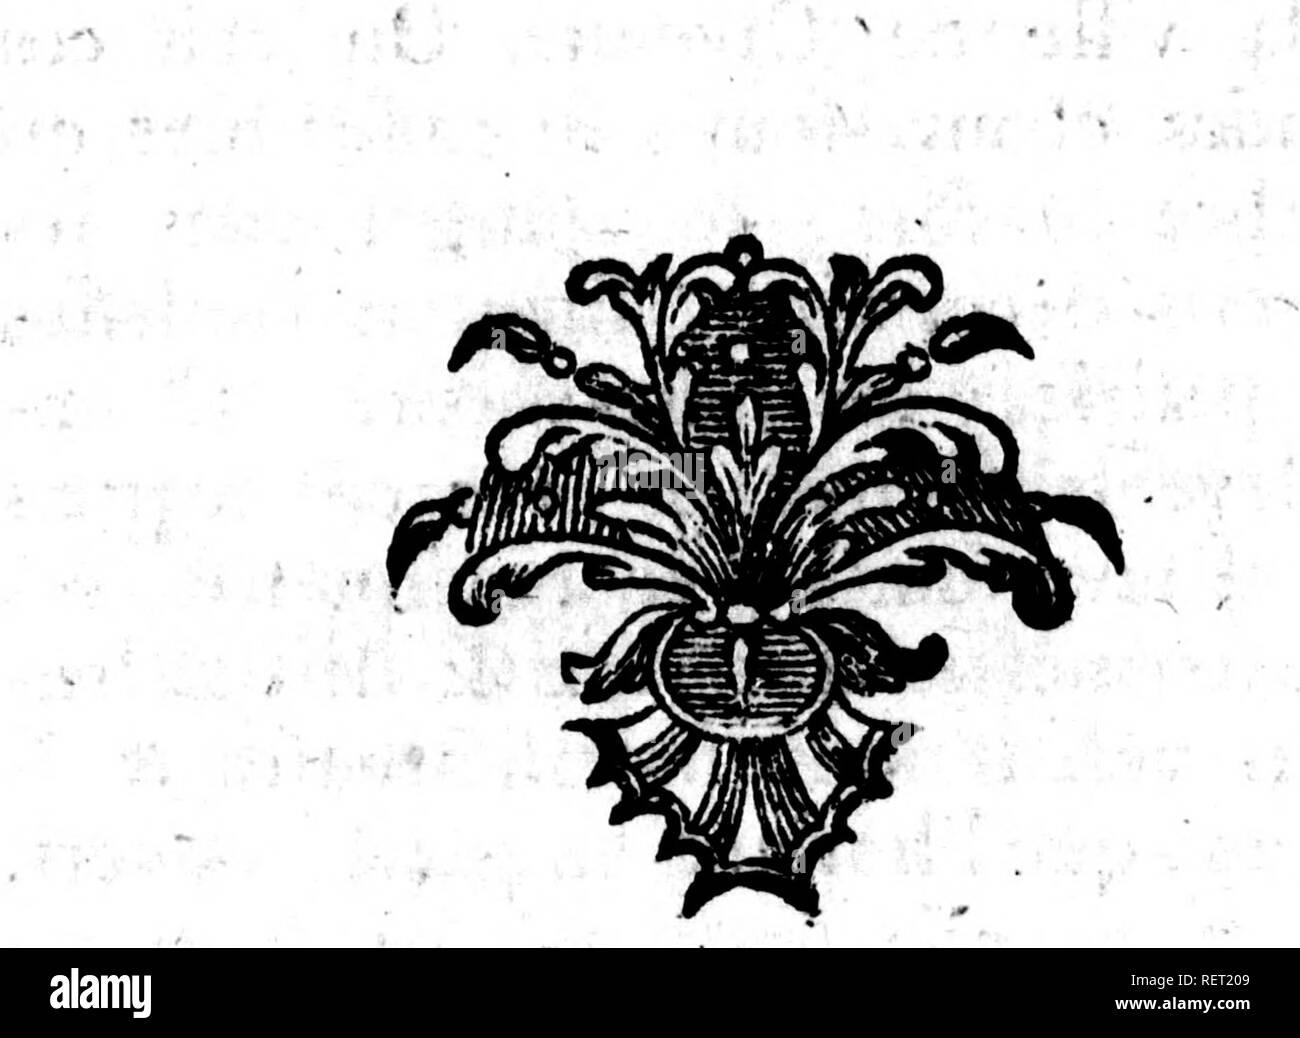 """. Histoire naturelle, générale et particulière [microforme] : servant de suite a l'histoire des animaux quadrupedes. Sciences naturelles; Natural history. I02 HiJIâire Naturelle. les ongles font blancs & crochus ; !*envergure des membranes qui lui fervent d'ailes, ieft d'environ dix-huit pouces ', ces membranes fopt de couleur noirâtre, ainfi que la ^jtlcue* . :o -i a.;'-v;-:'â *-: .4t'^i^v/.f-^> * Jï . -j-f'^: ^r""""-i:. = .â â .(.. Please note that these images are extracted from scanned page images that may have been digitally enhanced for readability - coloration and appeara - Stock Image"""